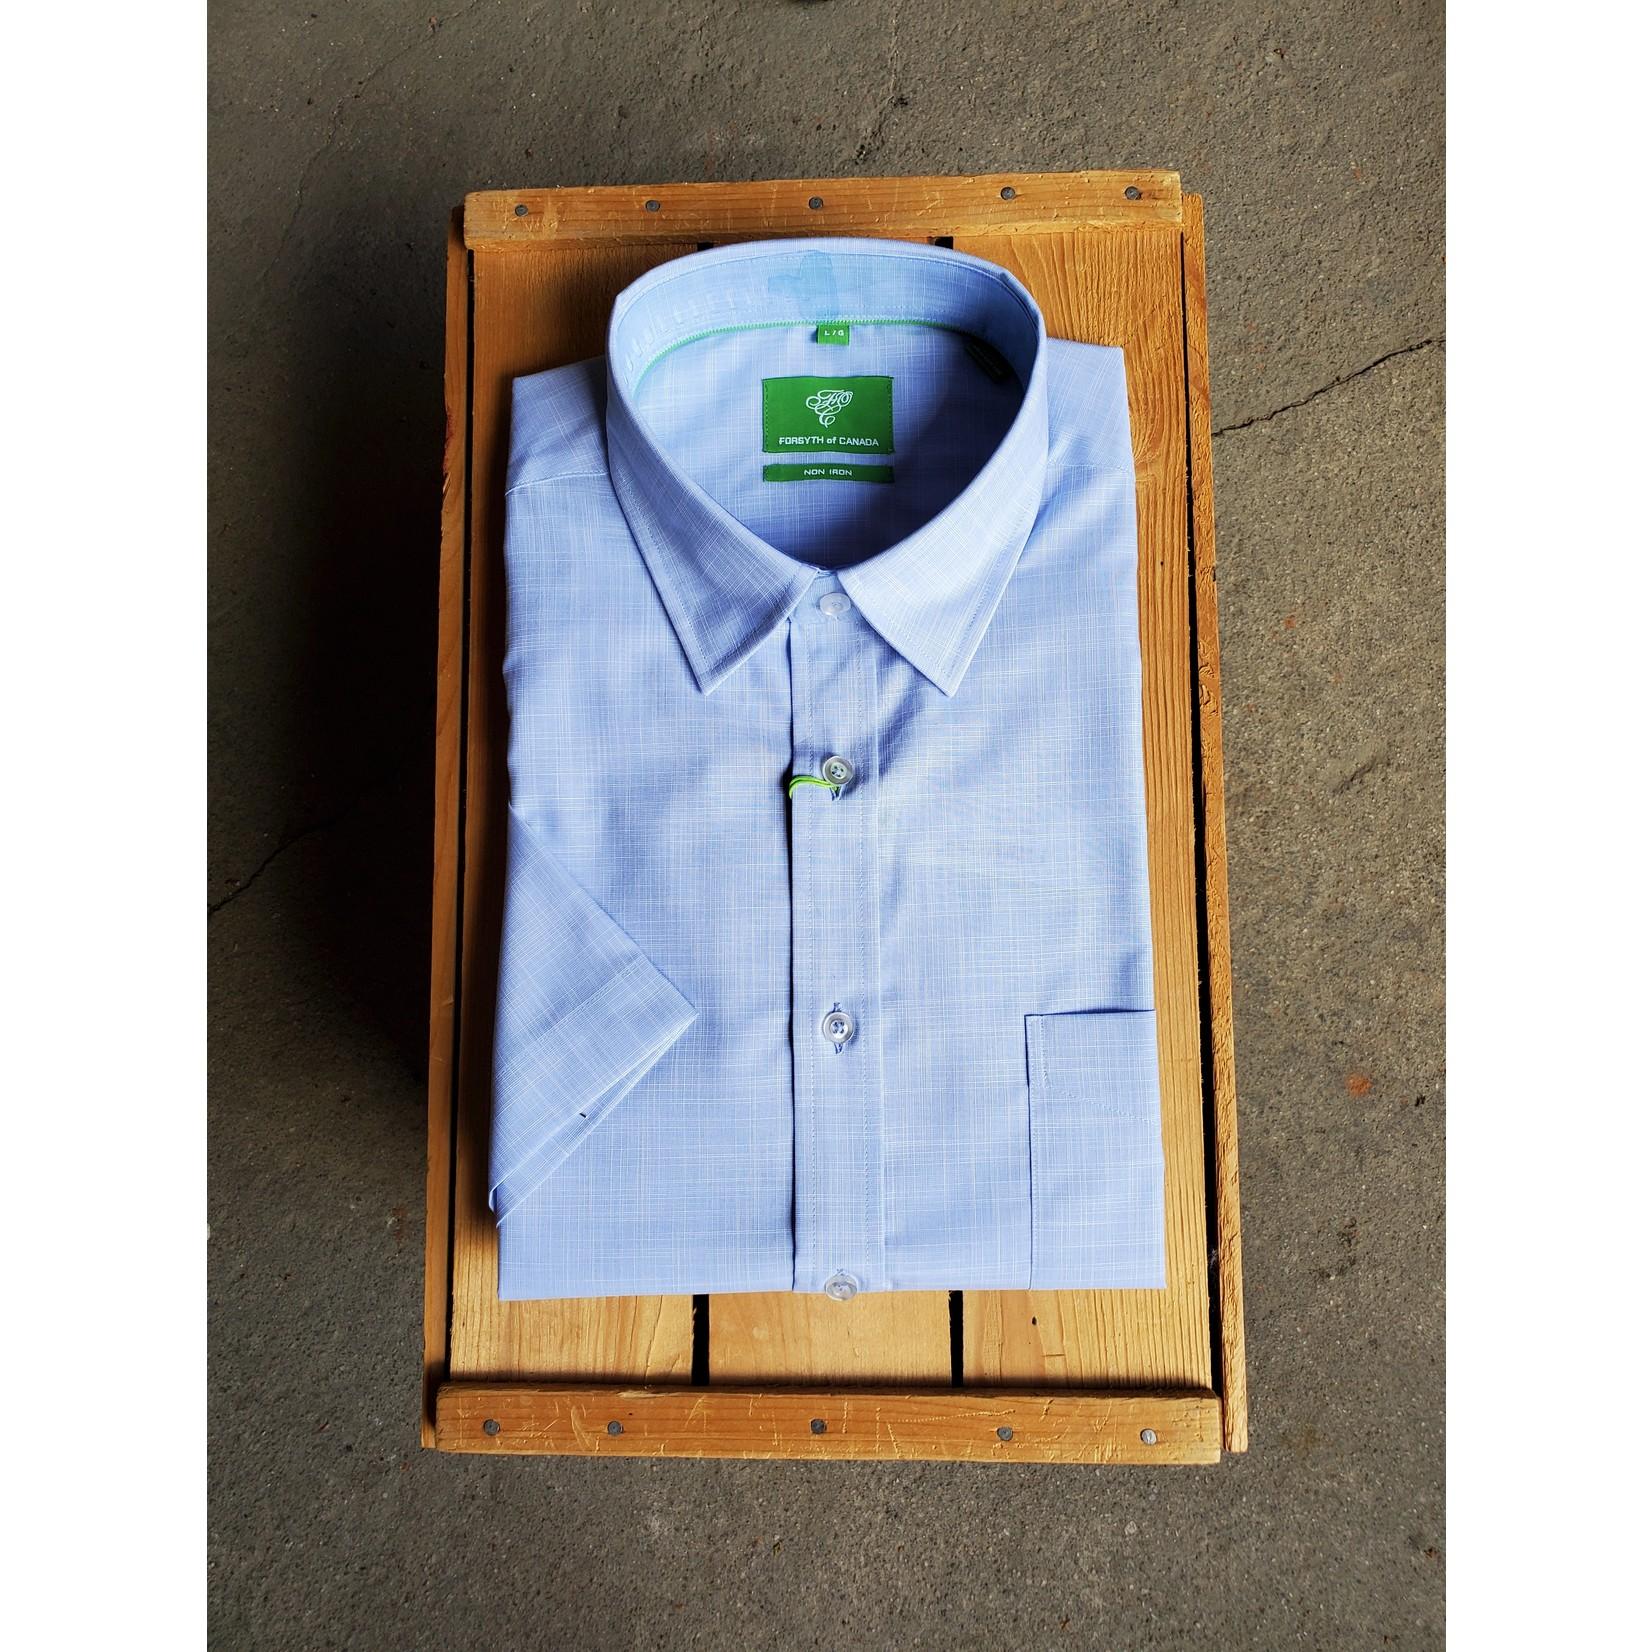 Forsyth Forsyth 8730S Yarn-Dyed Faux Solid Slub Short-Sleeve Shirt BLU Blue